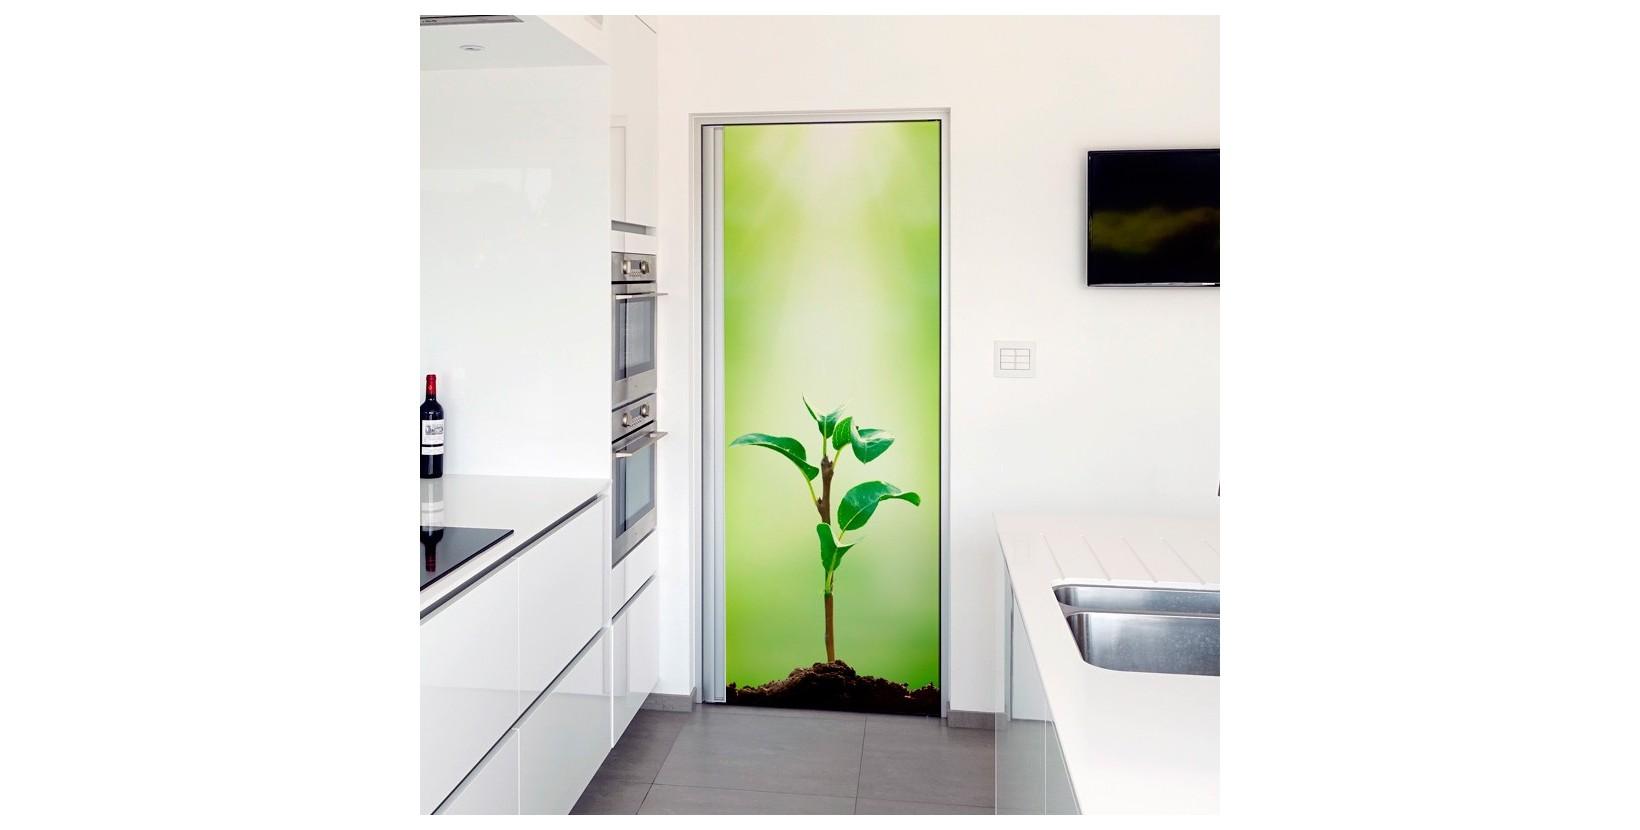 Vinilo para forrar puertas y armarios for Vinilos para muebles